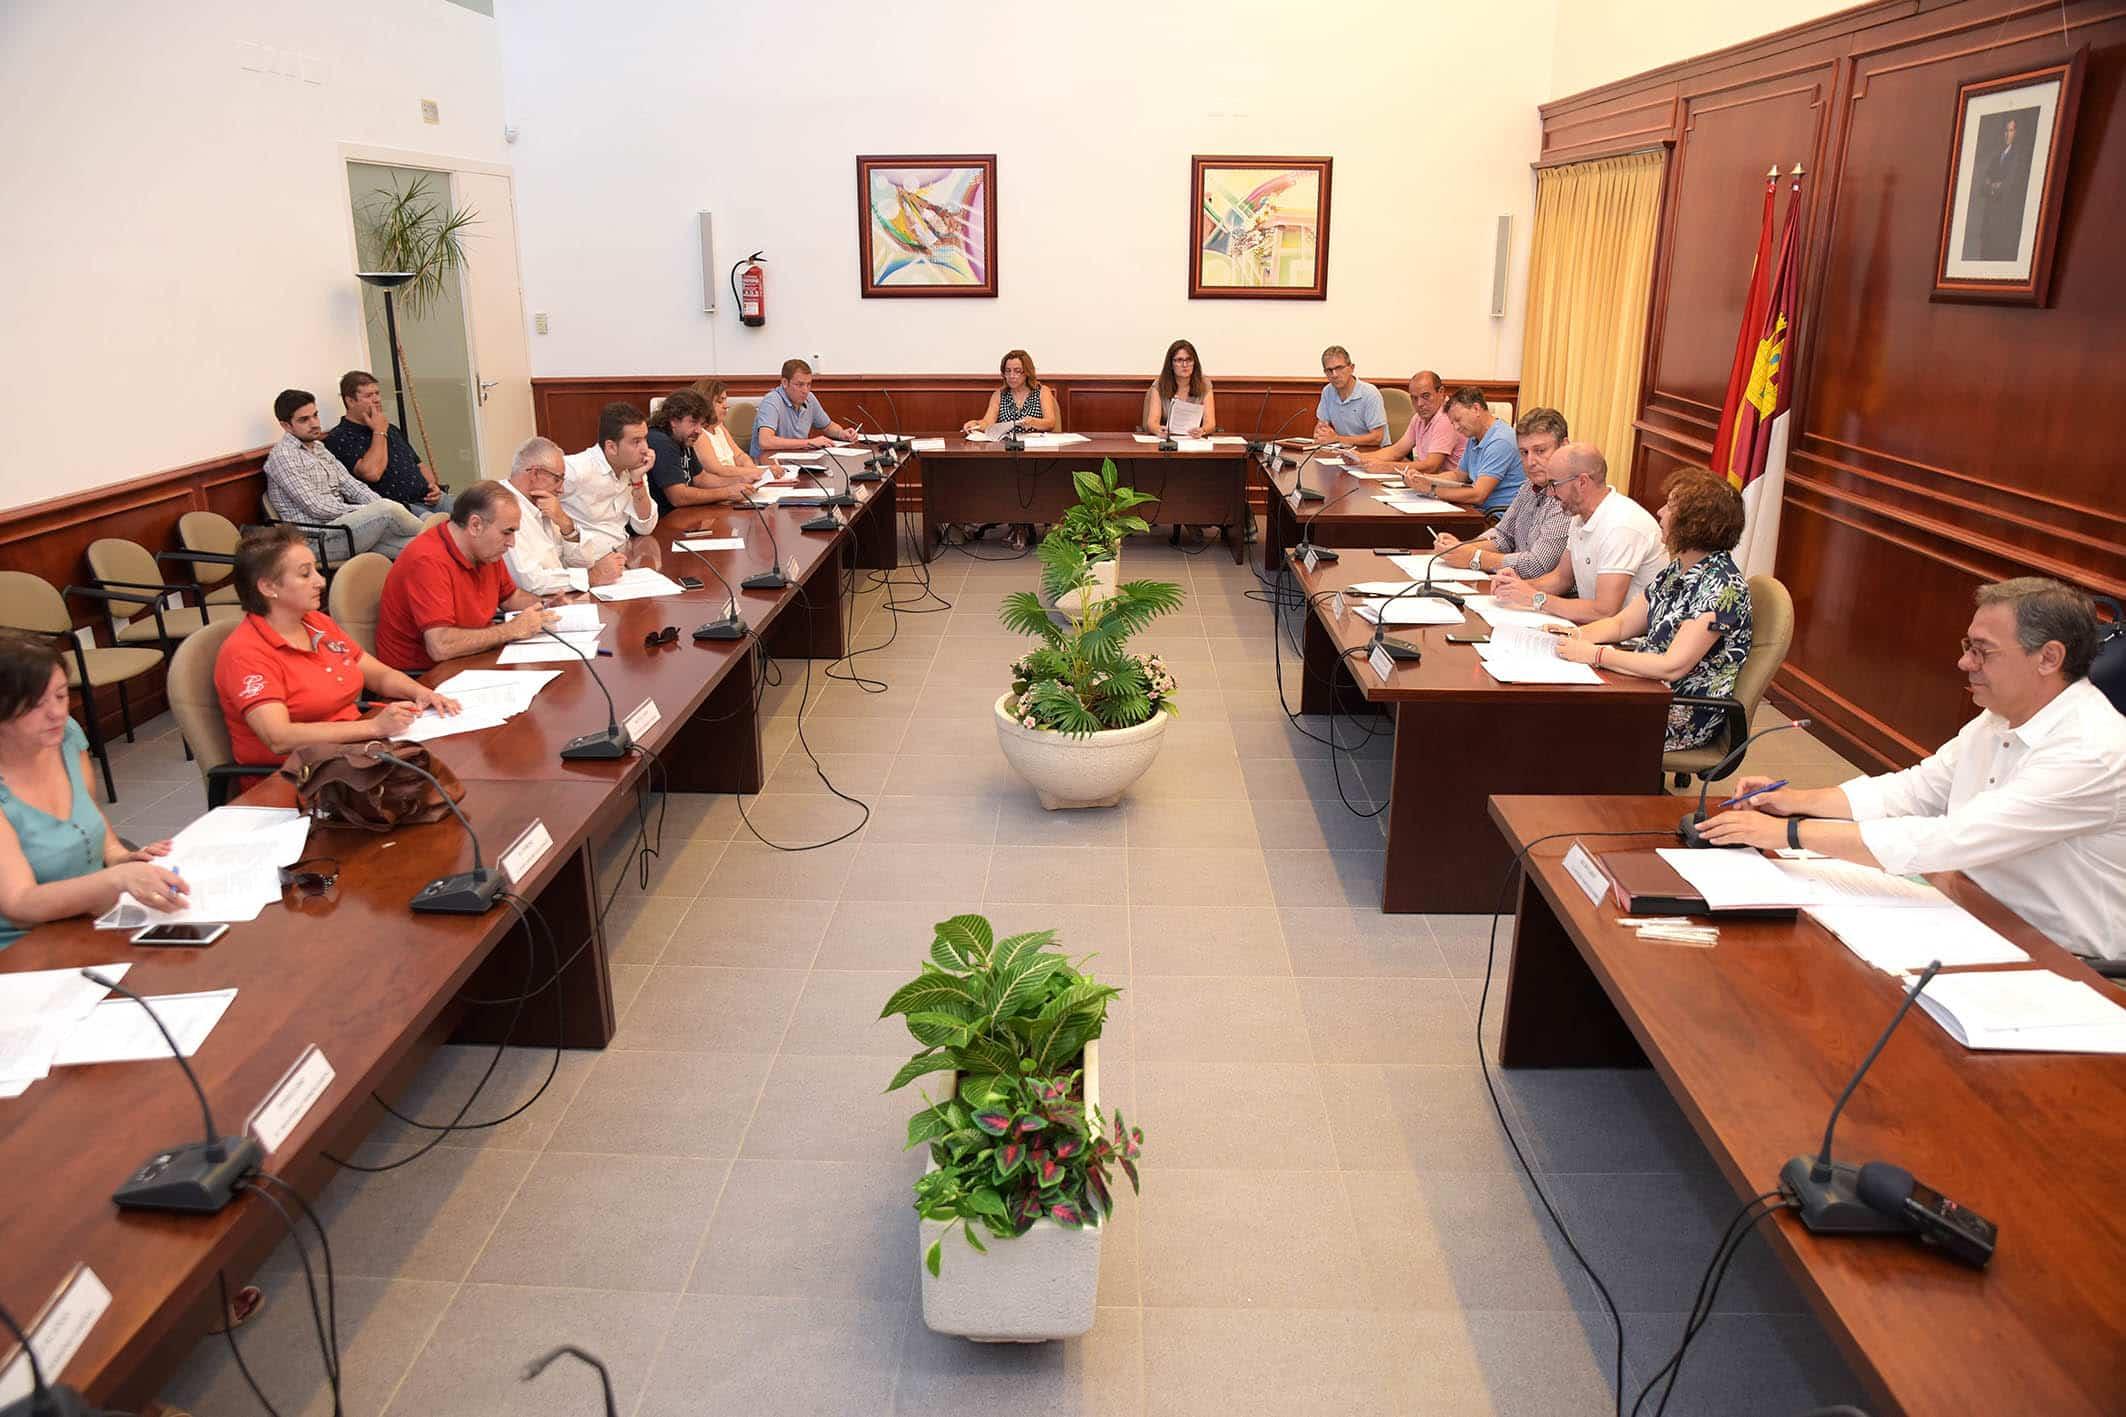 20190802 Pleno Extra Comsermancha - Concepción Rodríguez será miembro de la comisión de Gobierno y Hacienda de Comsermancha